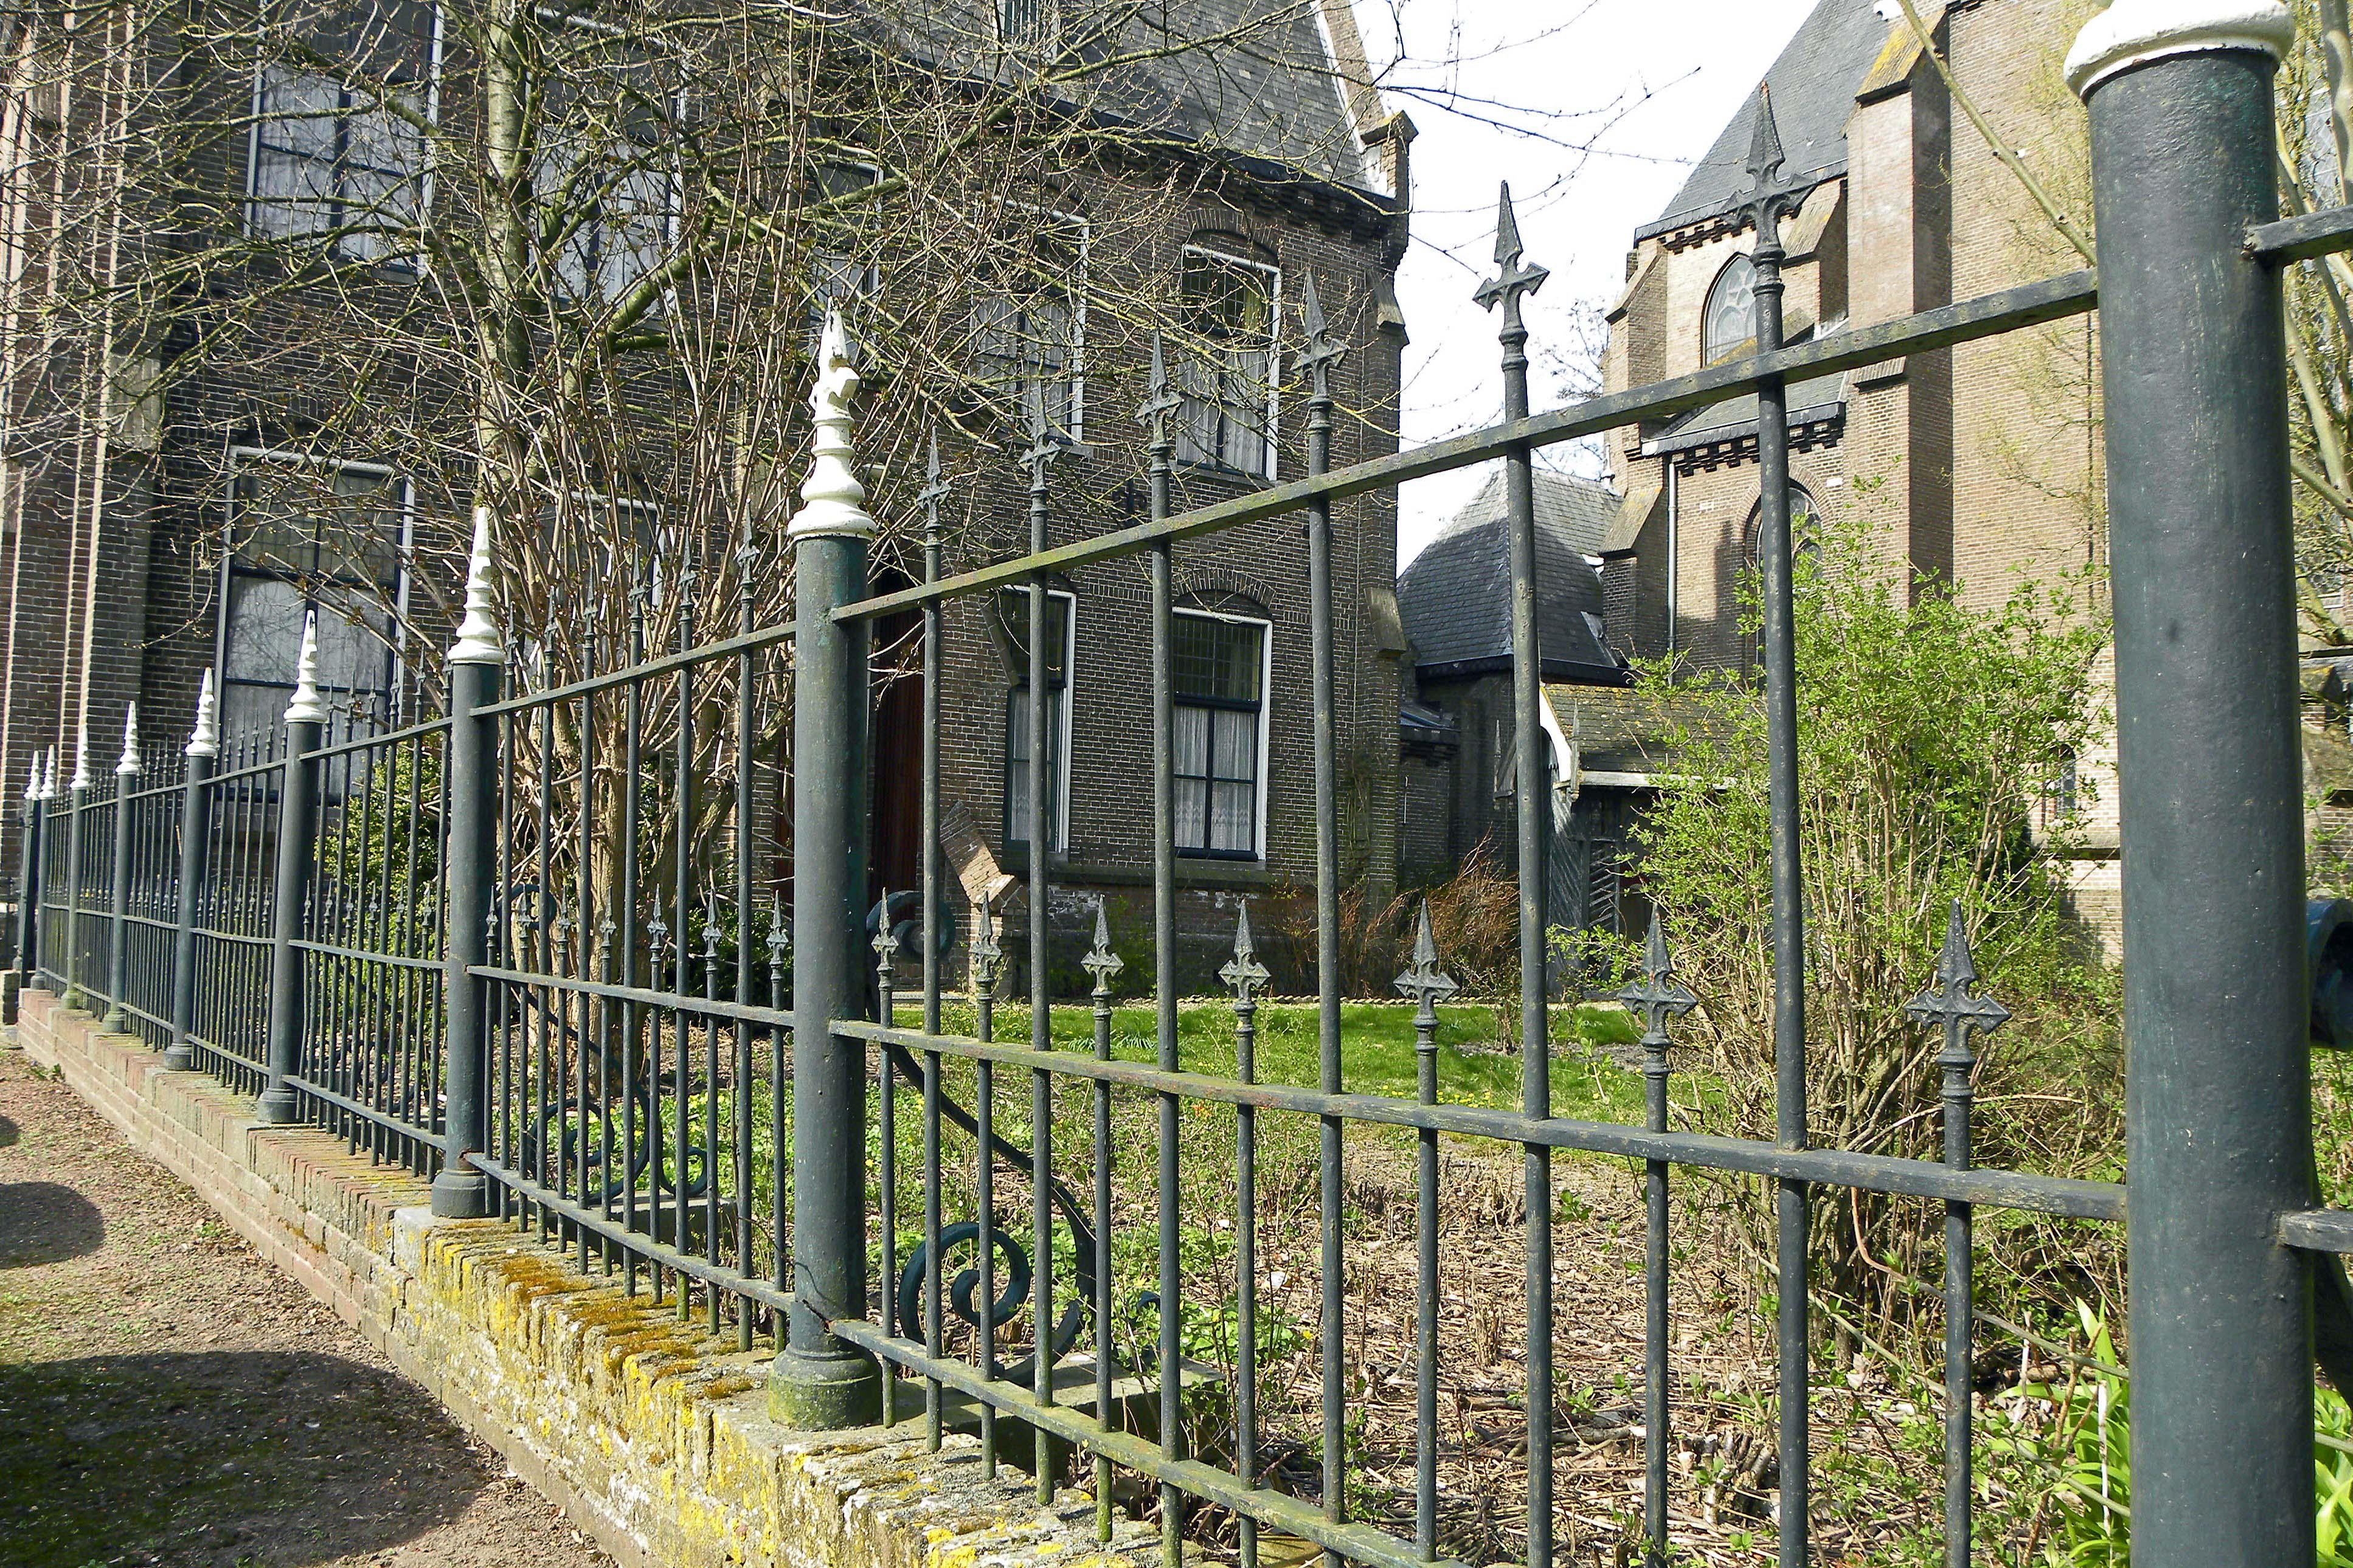 File:West-Beemster, Tuinhek Jisperweg 56.jpg